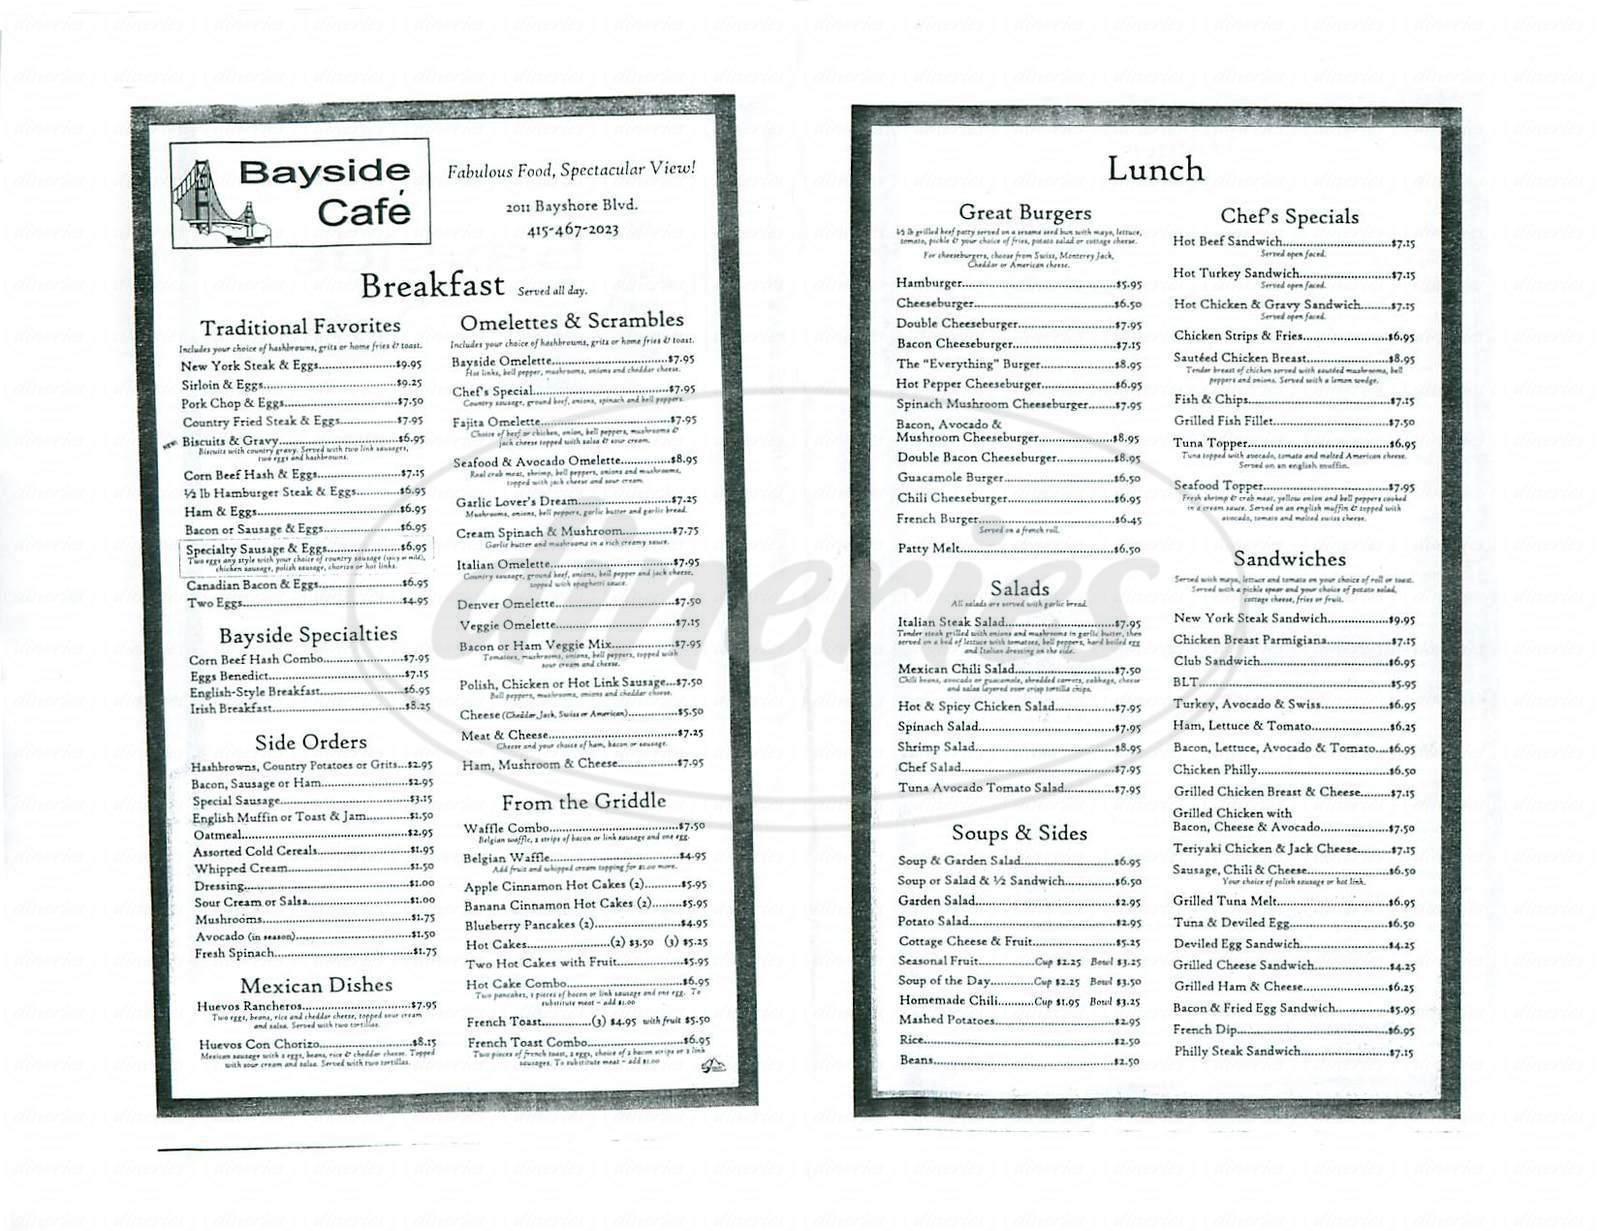 menu for Bayside Cafe